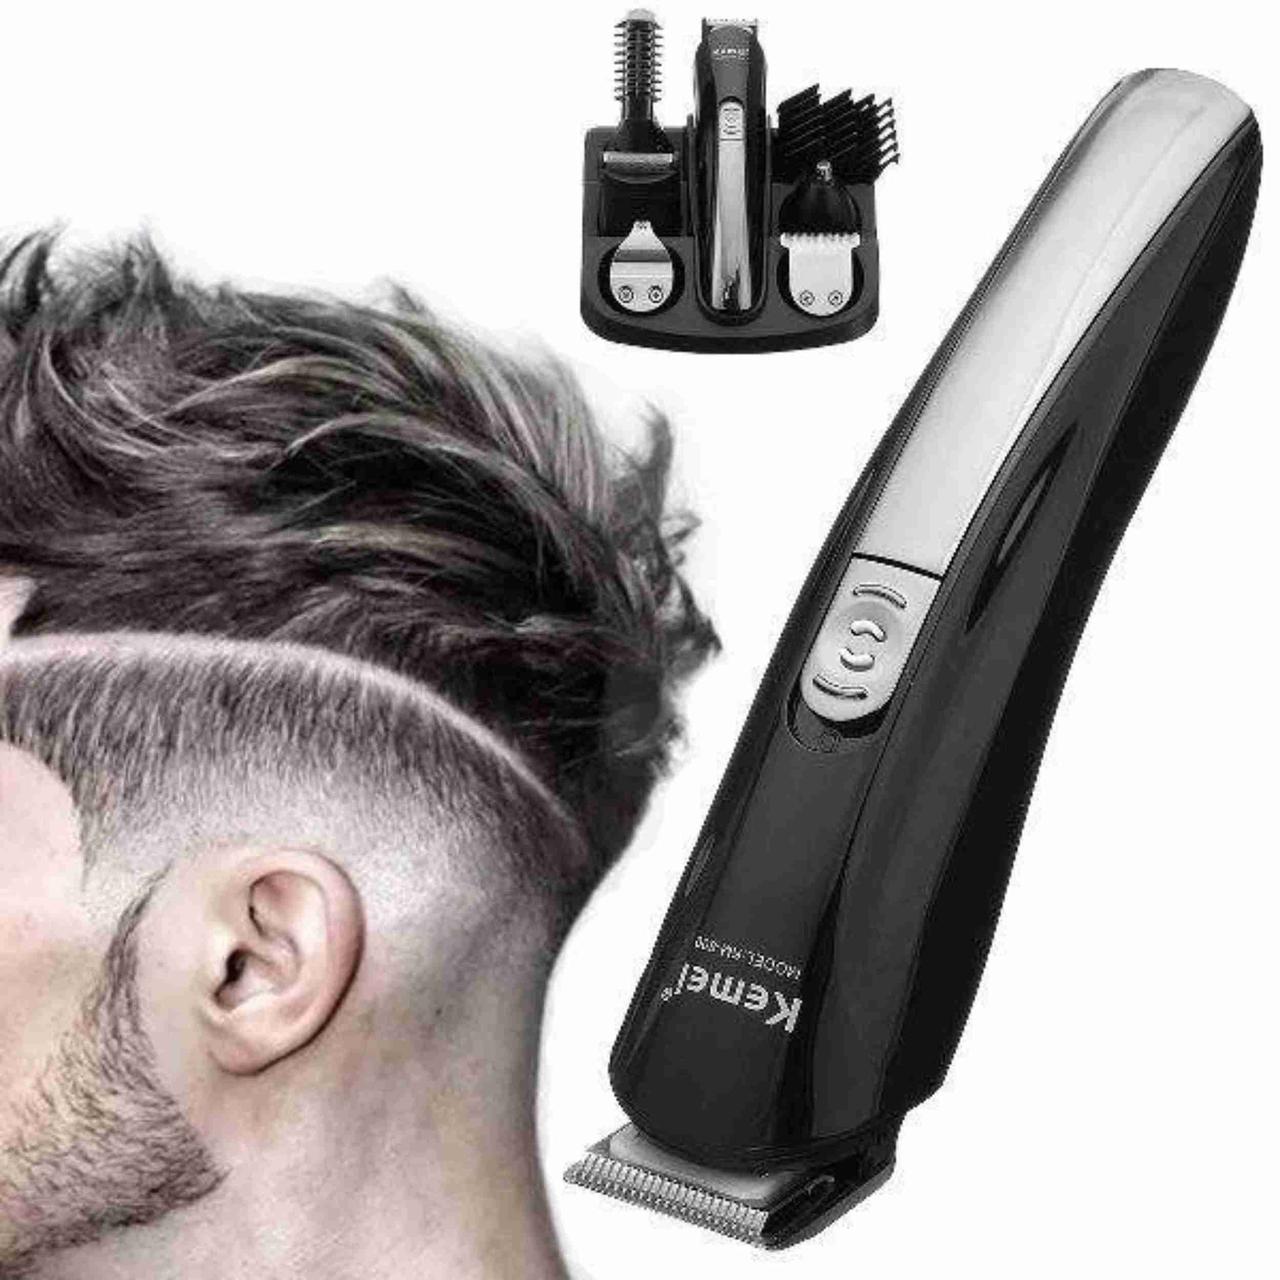 Машинка для стрижки волос Kemei KM-600 Машинка триммер для стрижки волос KEMEI KM-600 (11 В 1 + Подставка)